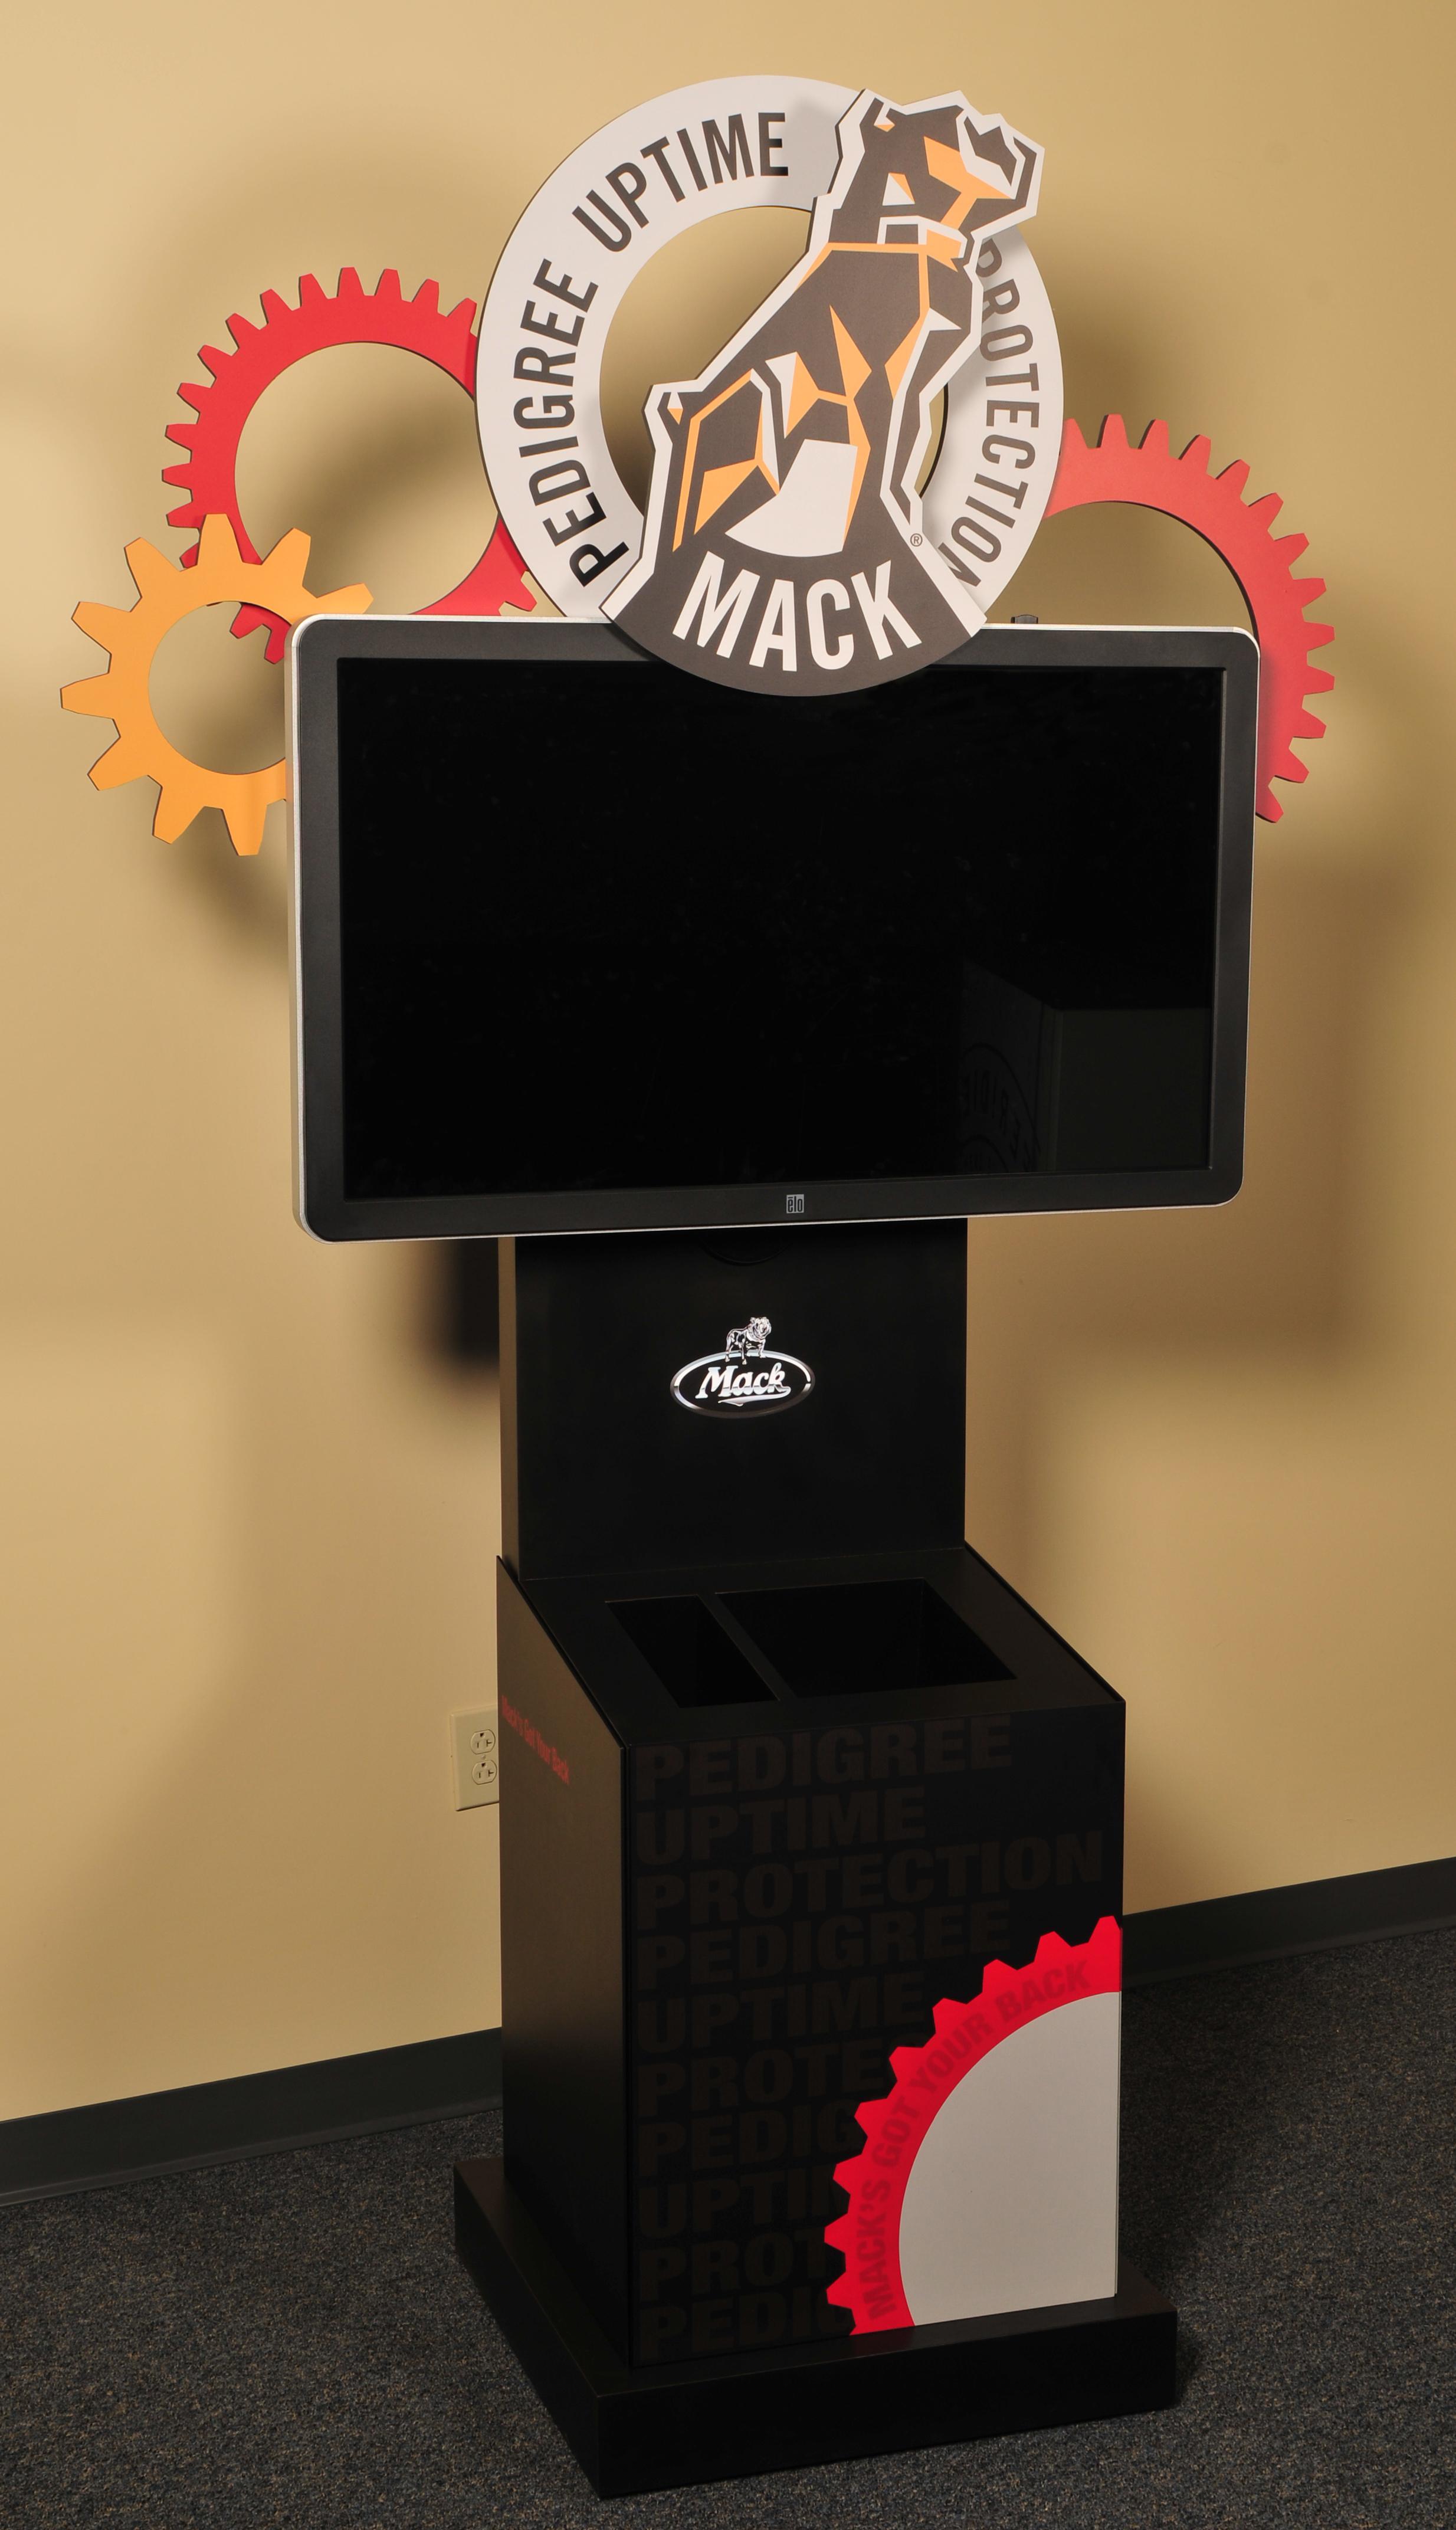 Mack Trucks Touchscreen Kiosk